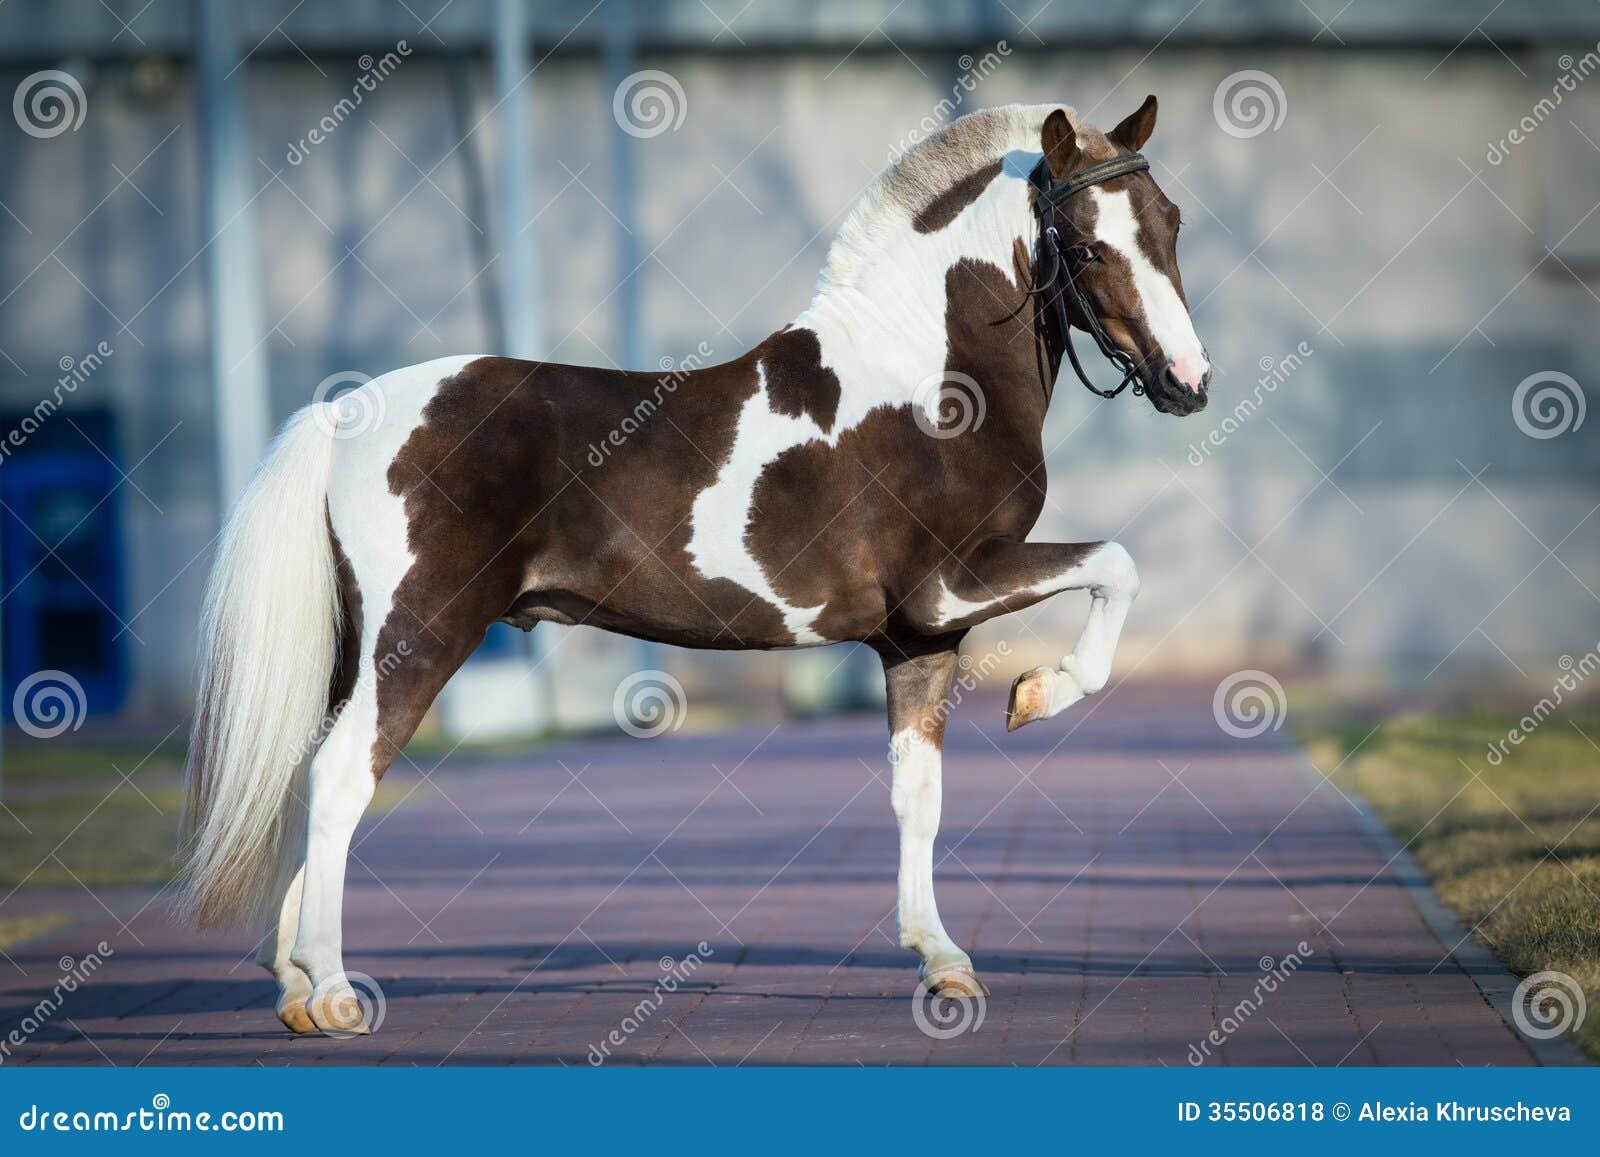 Shetland Pony Stock Photo Image Of Pony Nobody